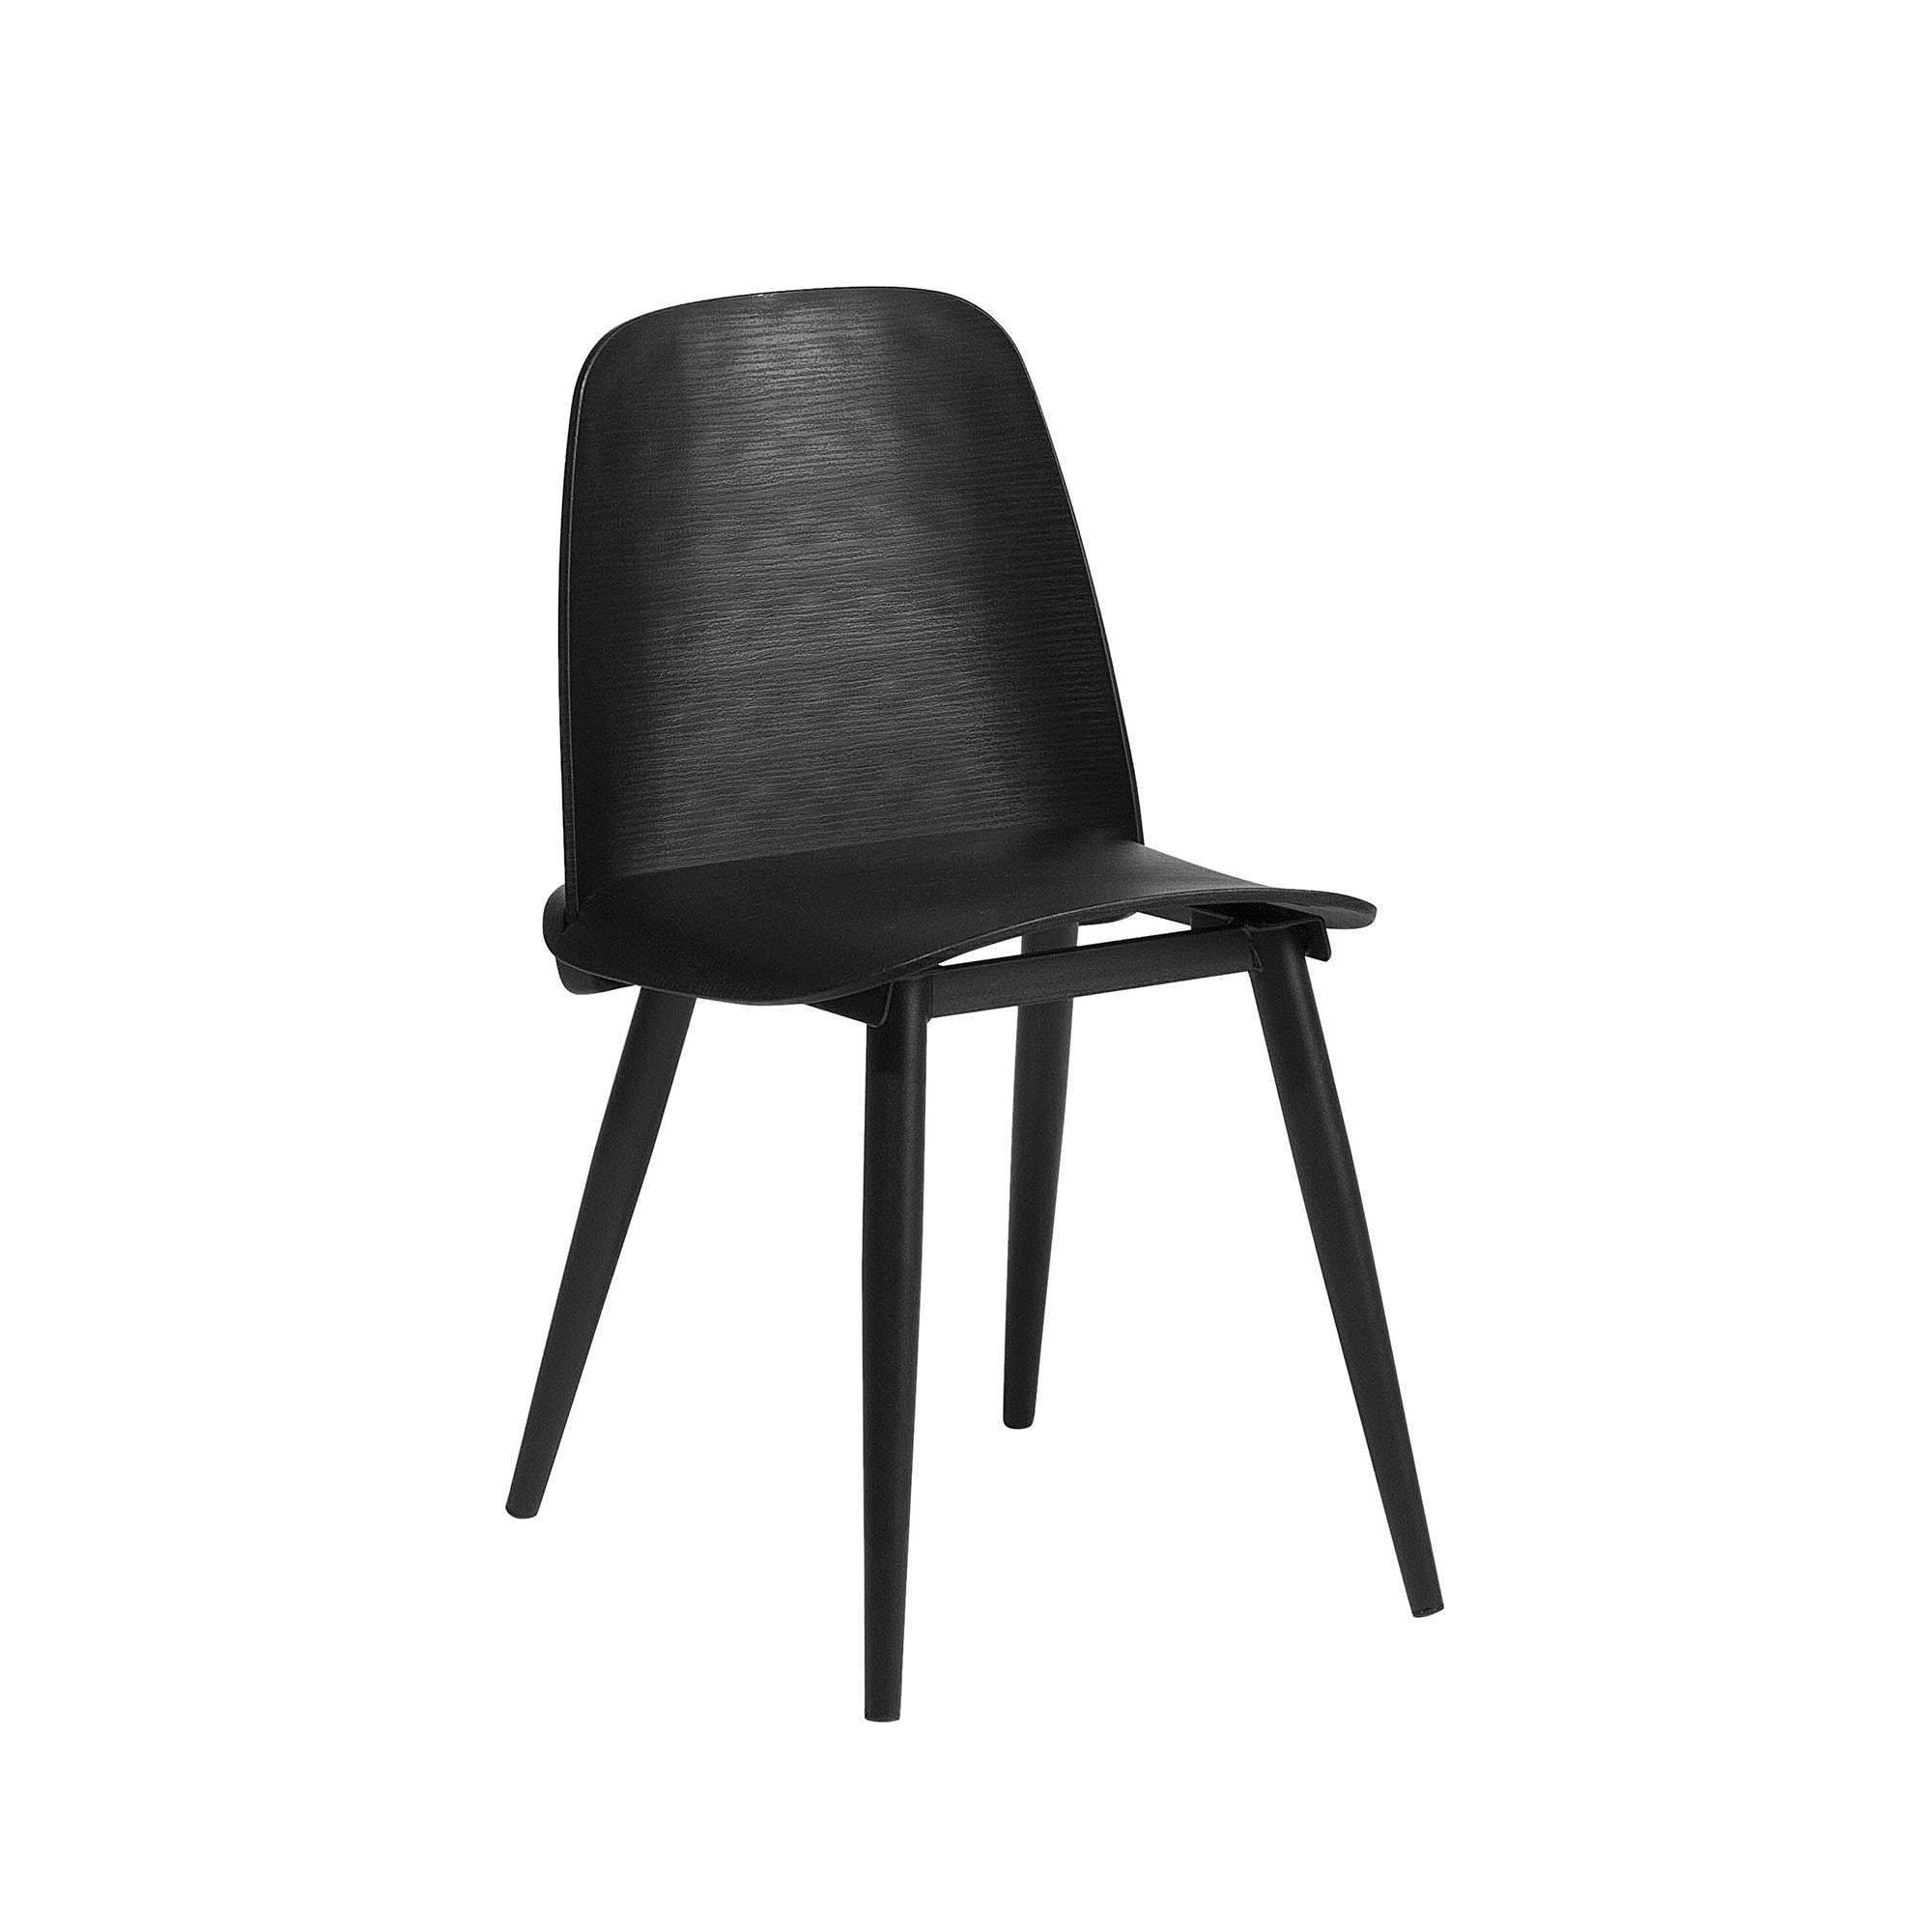 Chaise de salle à manger noire